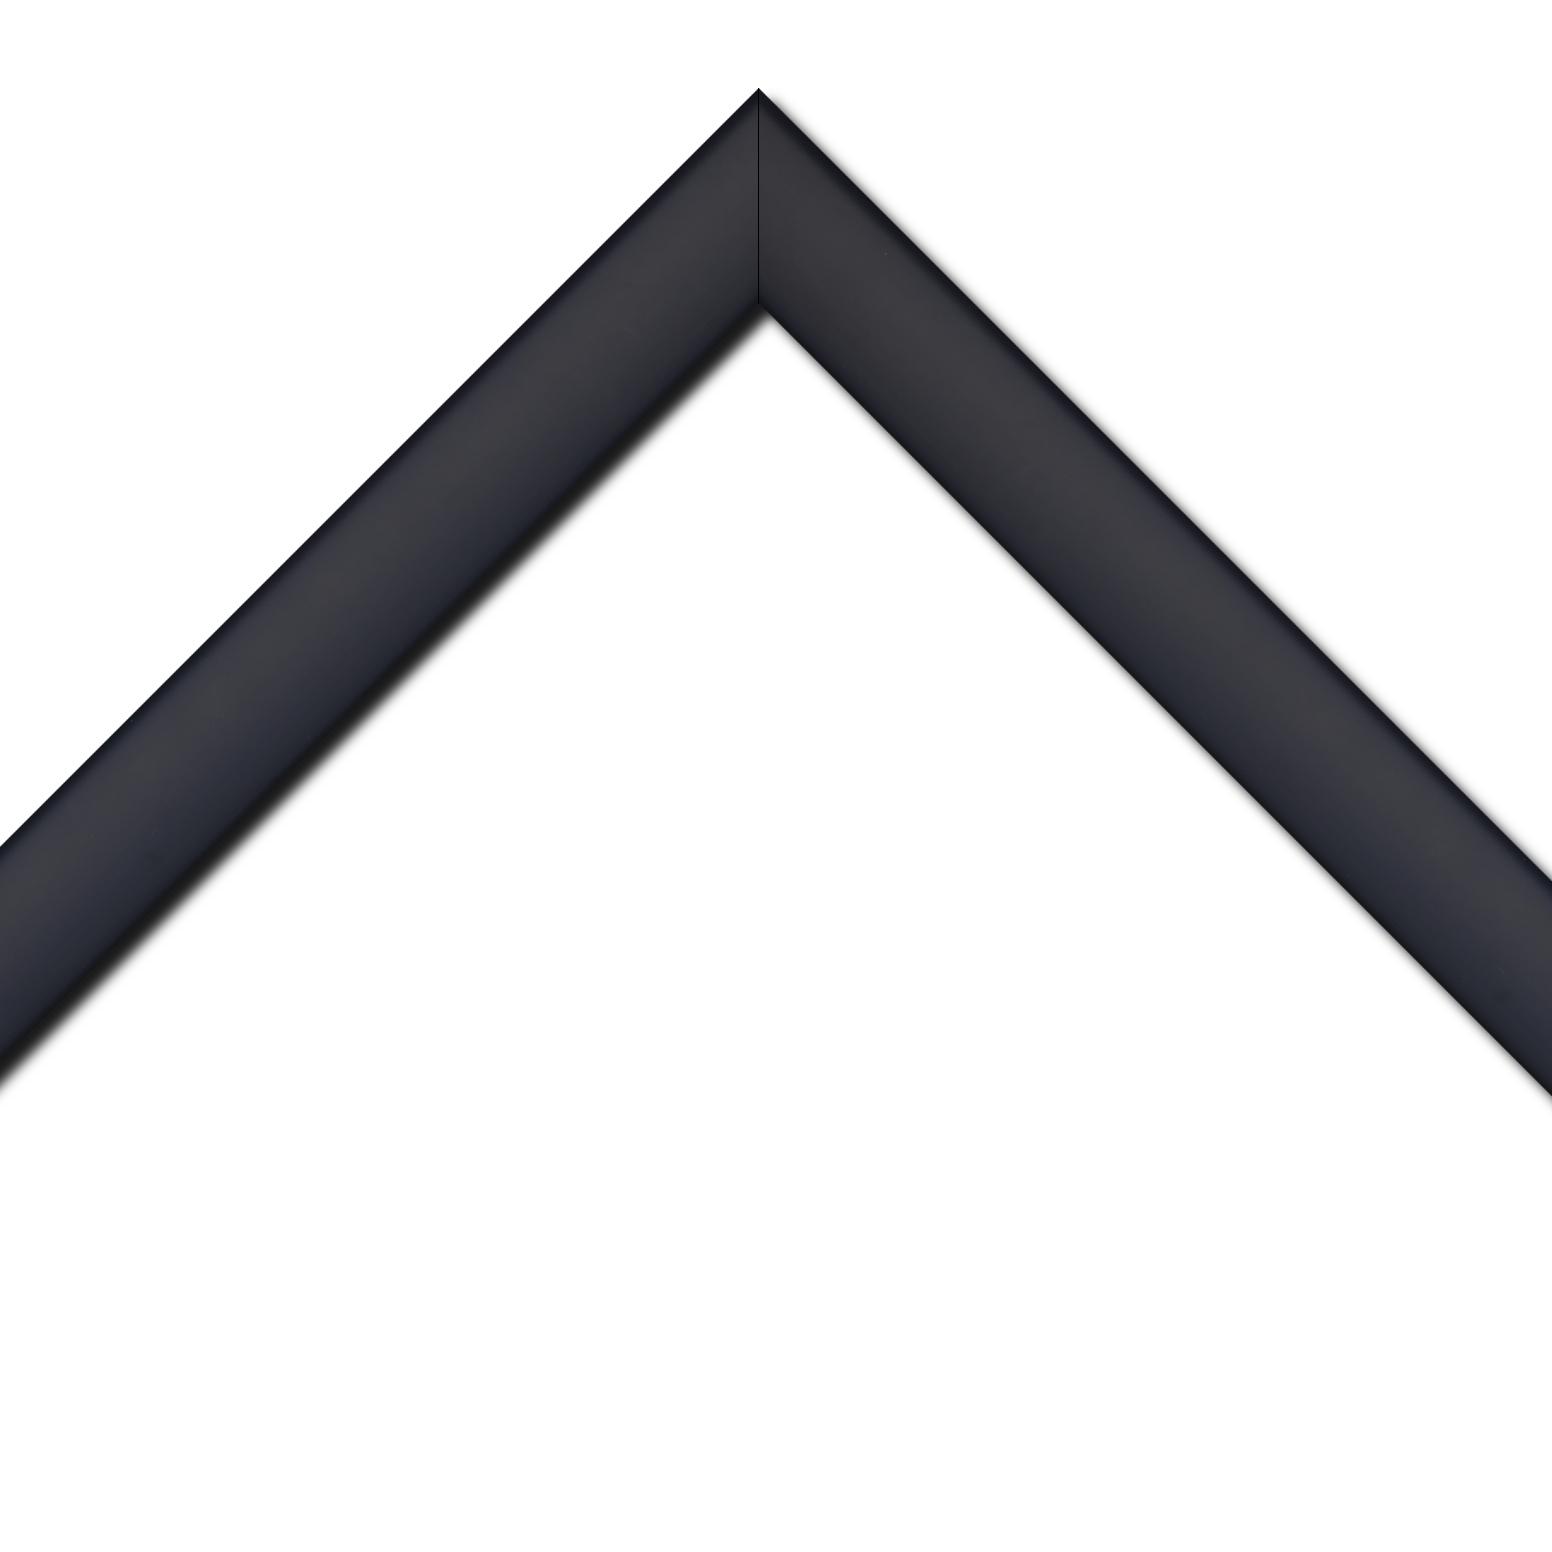 Baguette bois profil méplat largeur 3.7cm couleur violet prune satiné effet cube